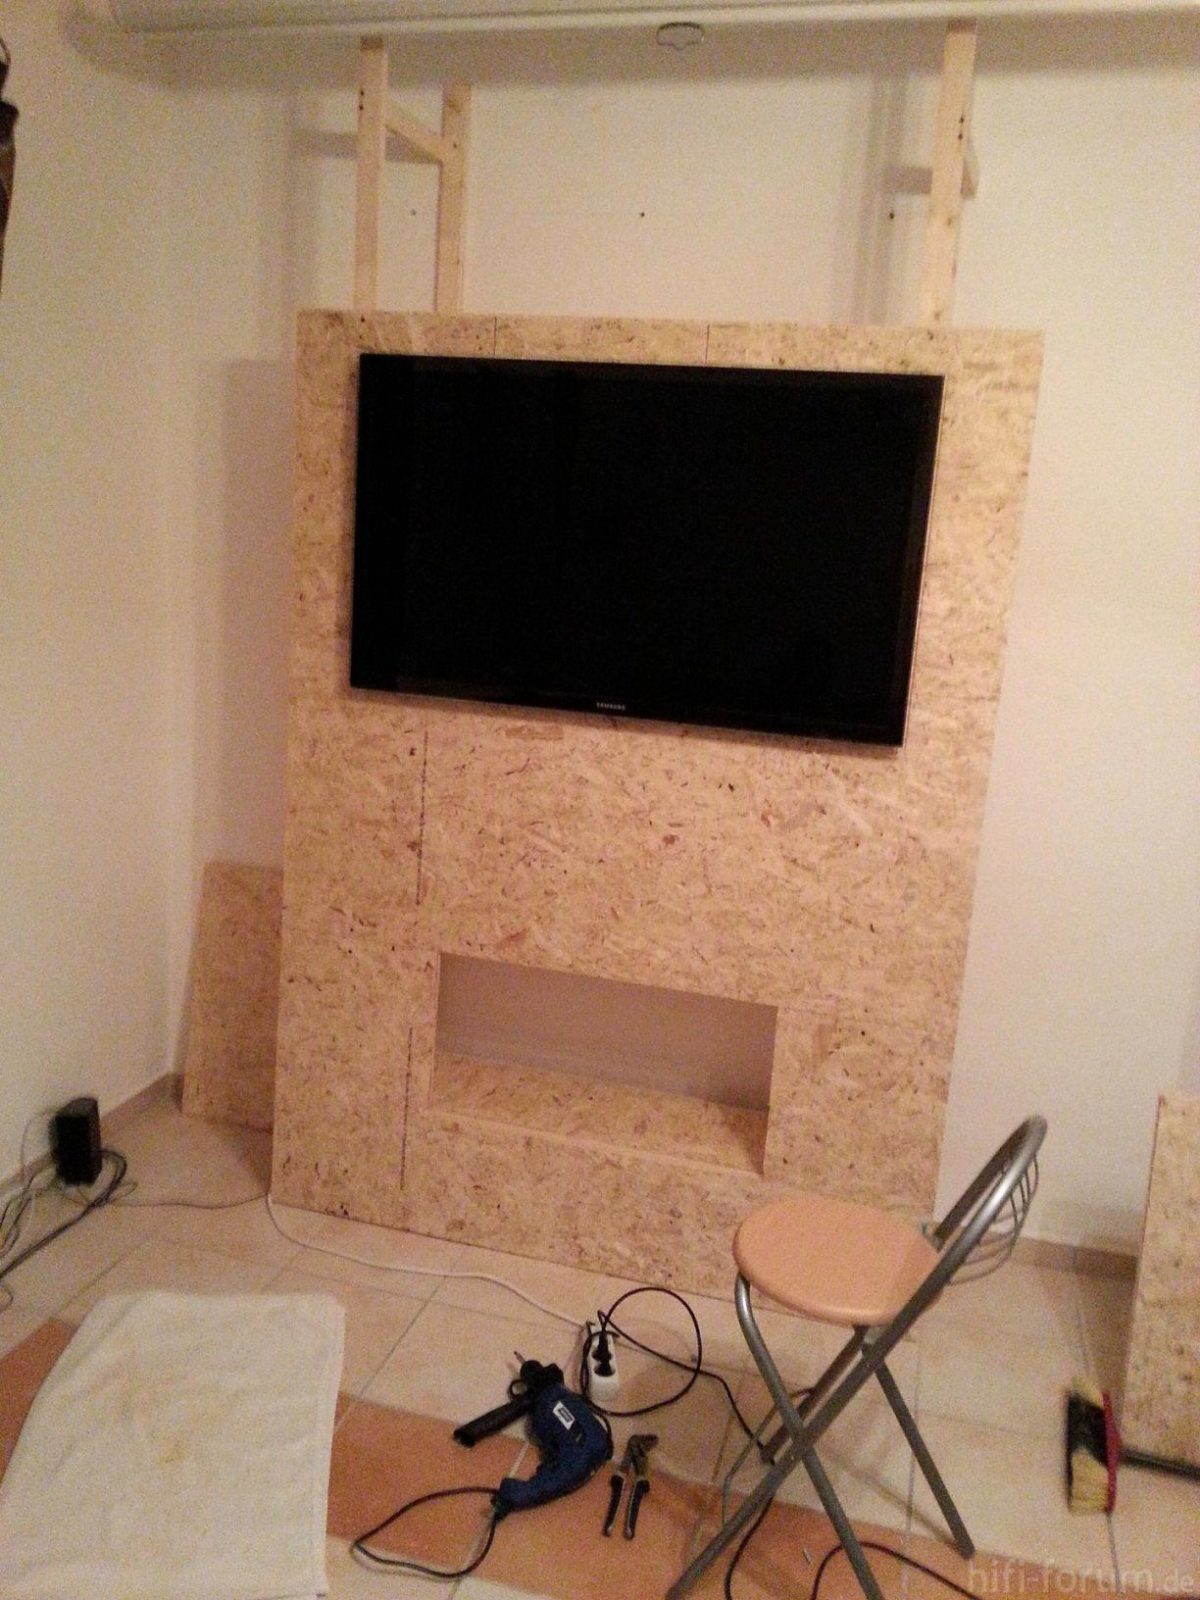 Tv Wand Freistehend Best Of Hifi Wand Selber Bauen  Wand Farbig von Tv Wände Selber Bauen Bild